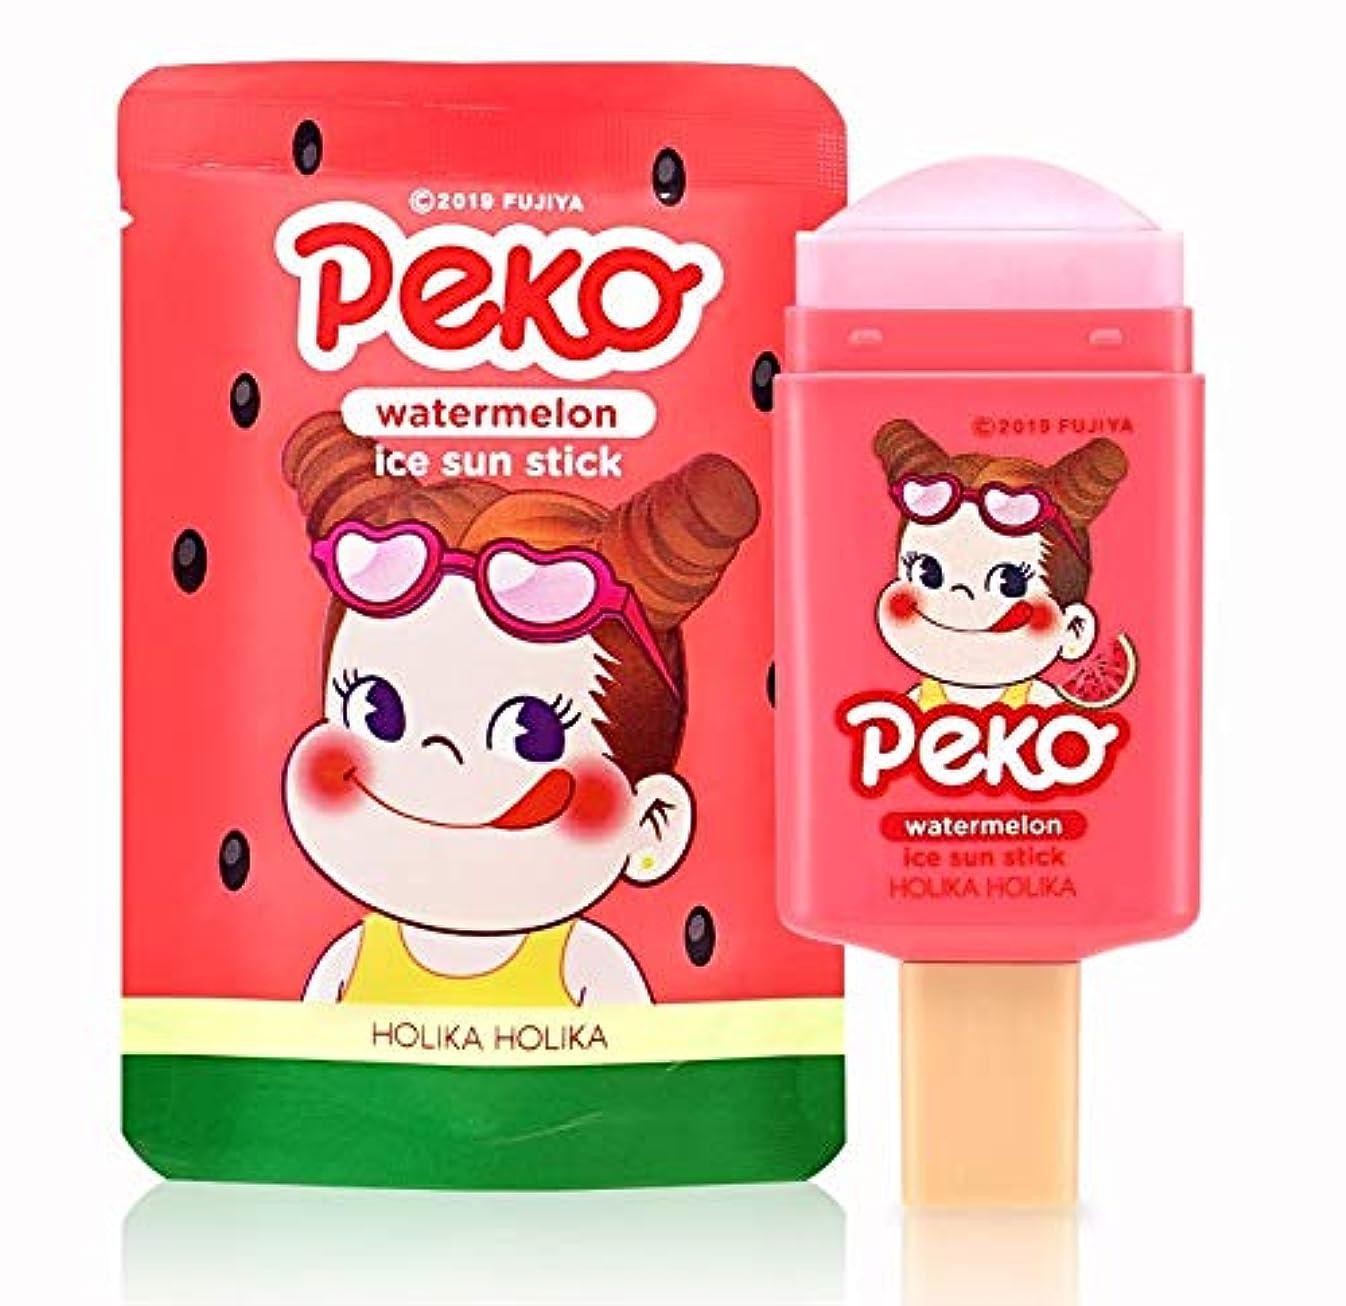 予見する発行する冗長ホリカホリカ [スイートペコエディション] スイカ アイス サン スティック 14g / Holika Holika [Sweet Peko Edition] Watermellon Ice Sun Stick SPF50...